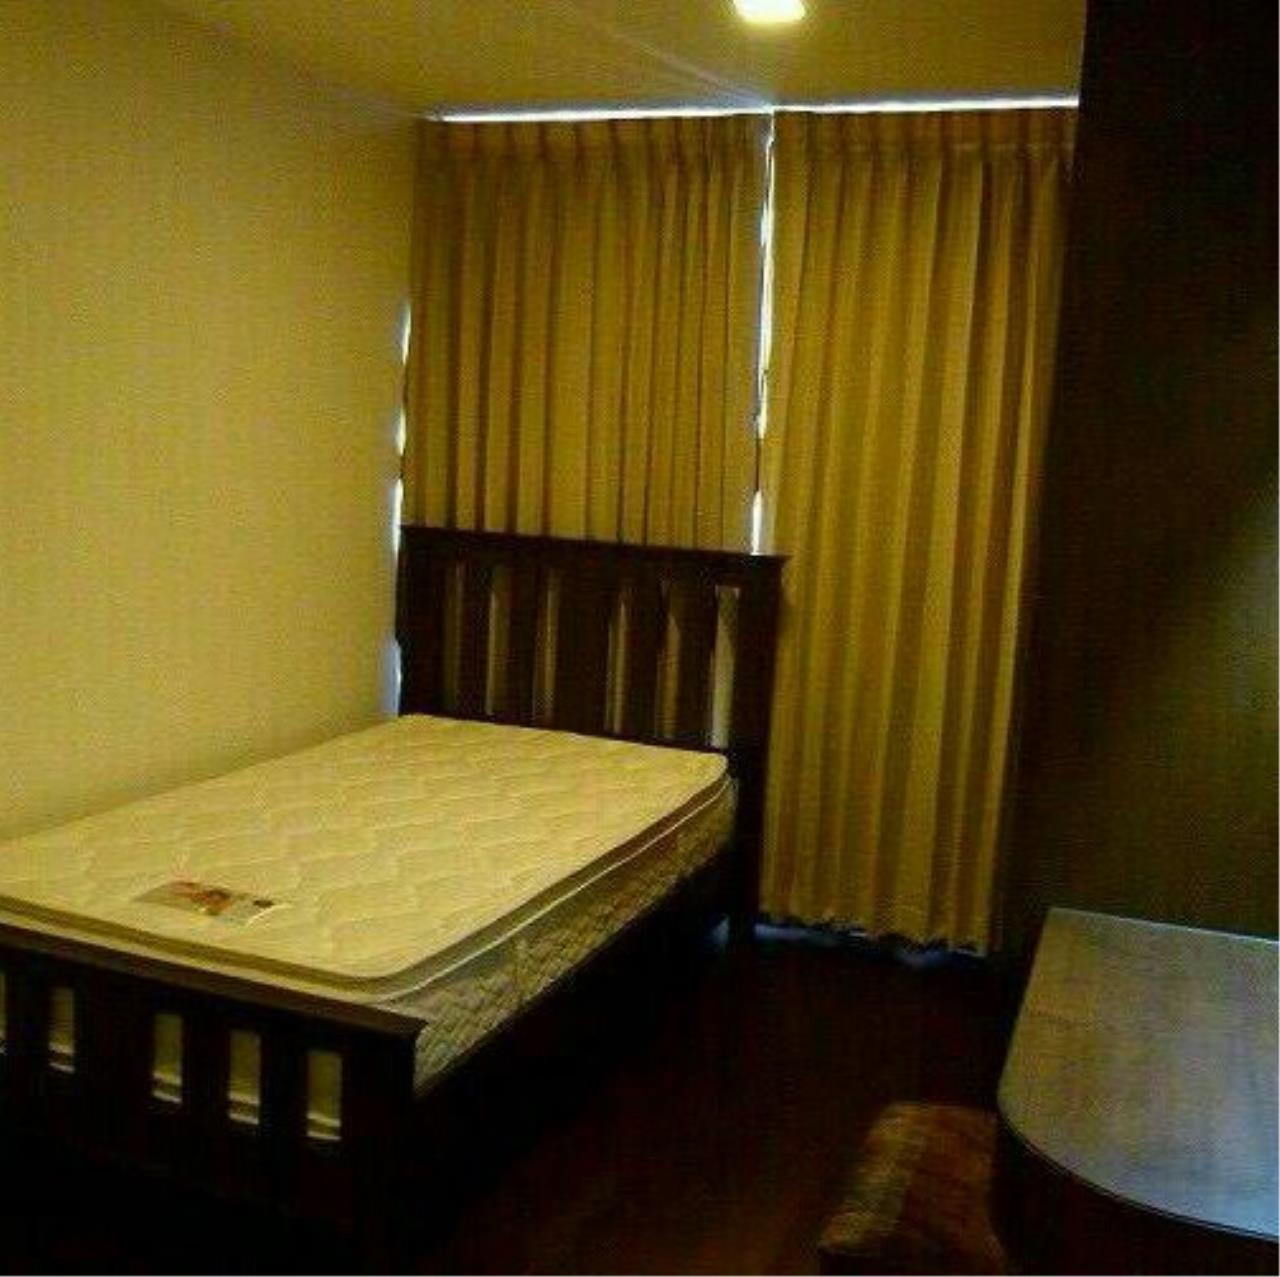 You Estate Agency's sale or rent 52000 area 80 sq.m 2 bed Prime Mansion sukhumvit 31 7